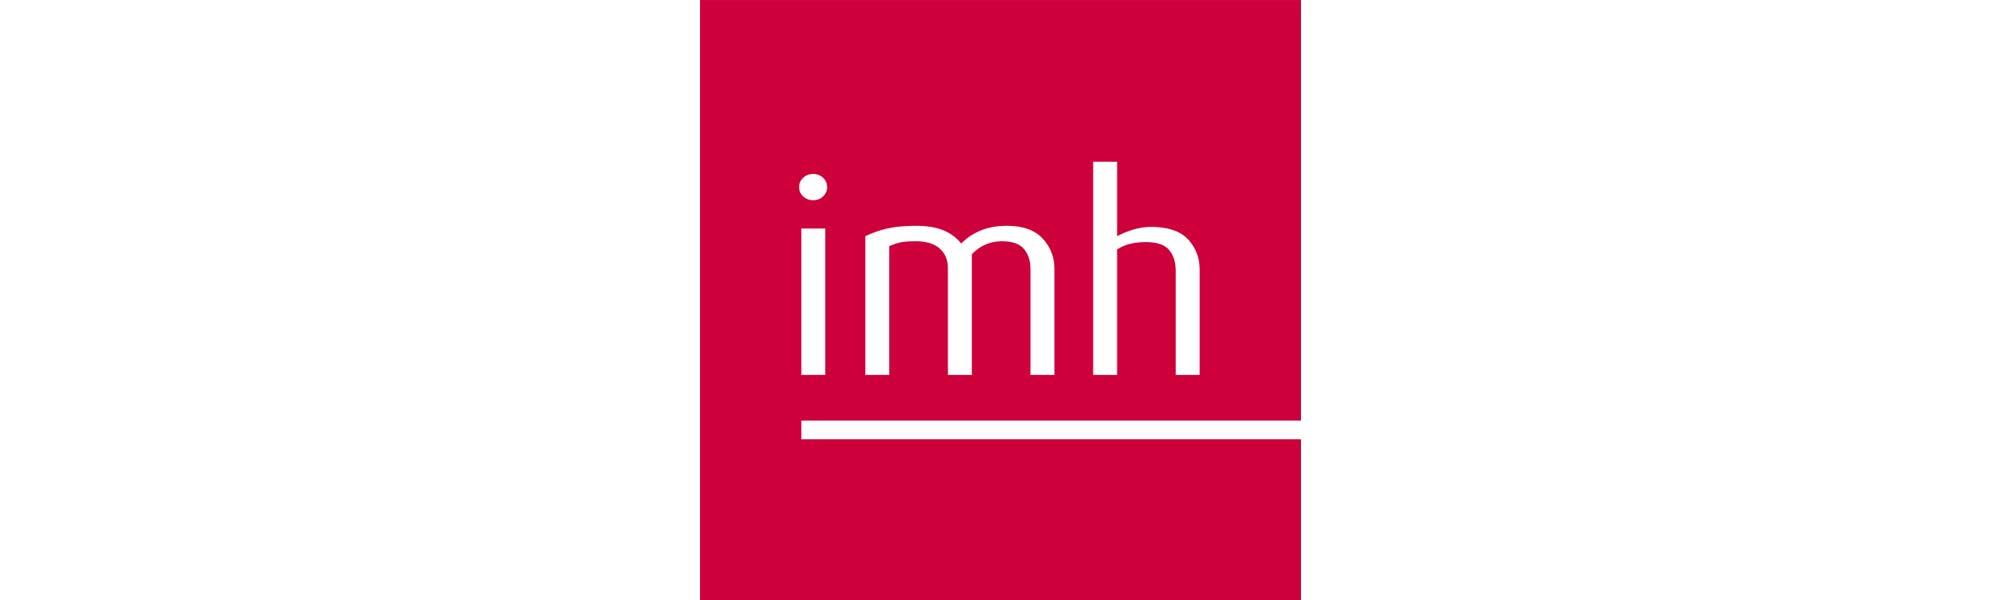 imh Institut Manfred Hämmerle GmbH